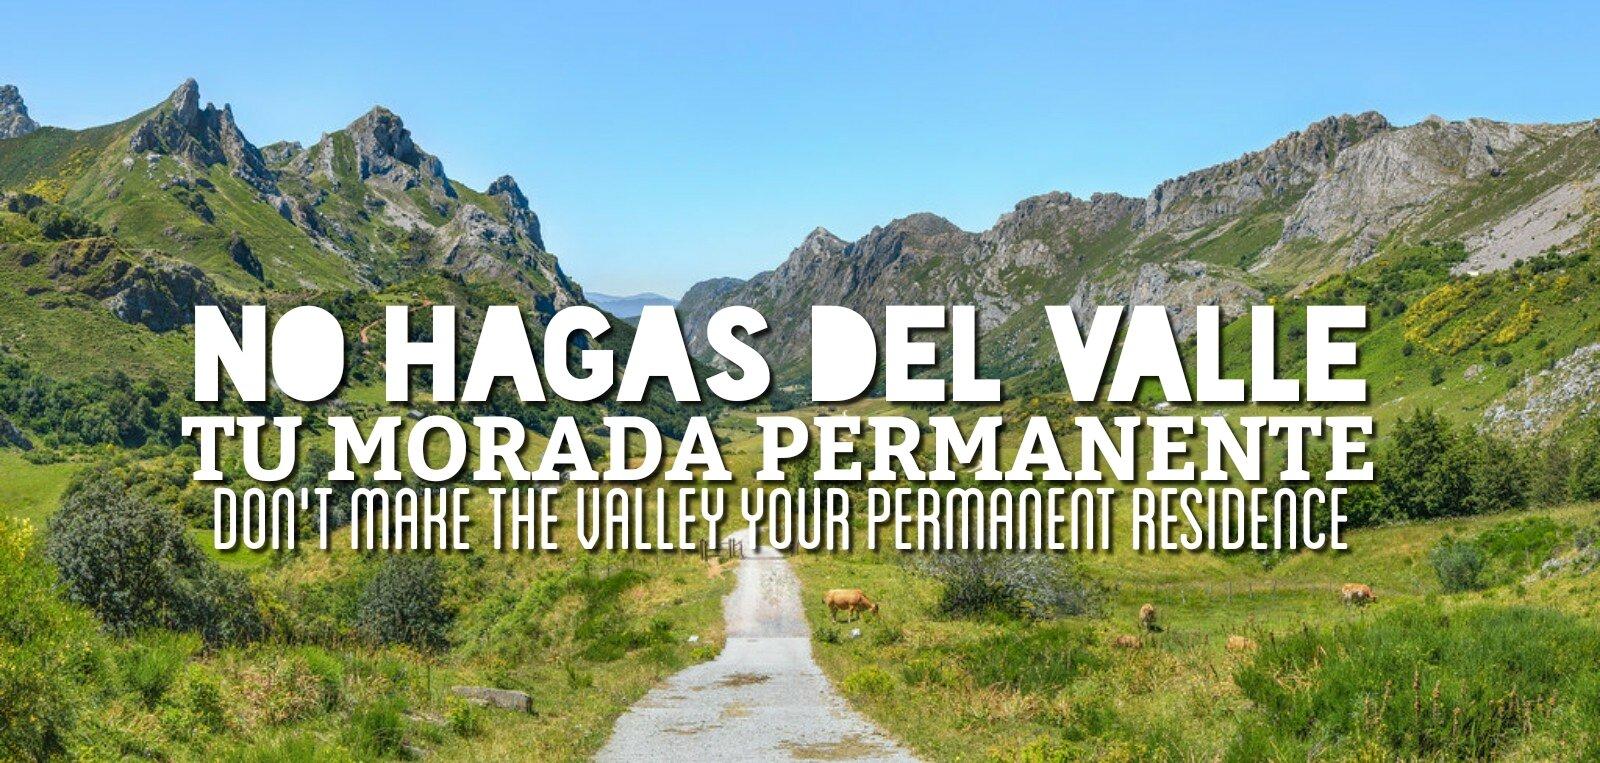 no hagas del valle 09.18.19.jpg